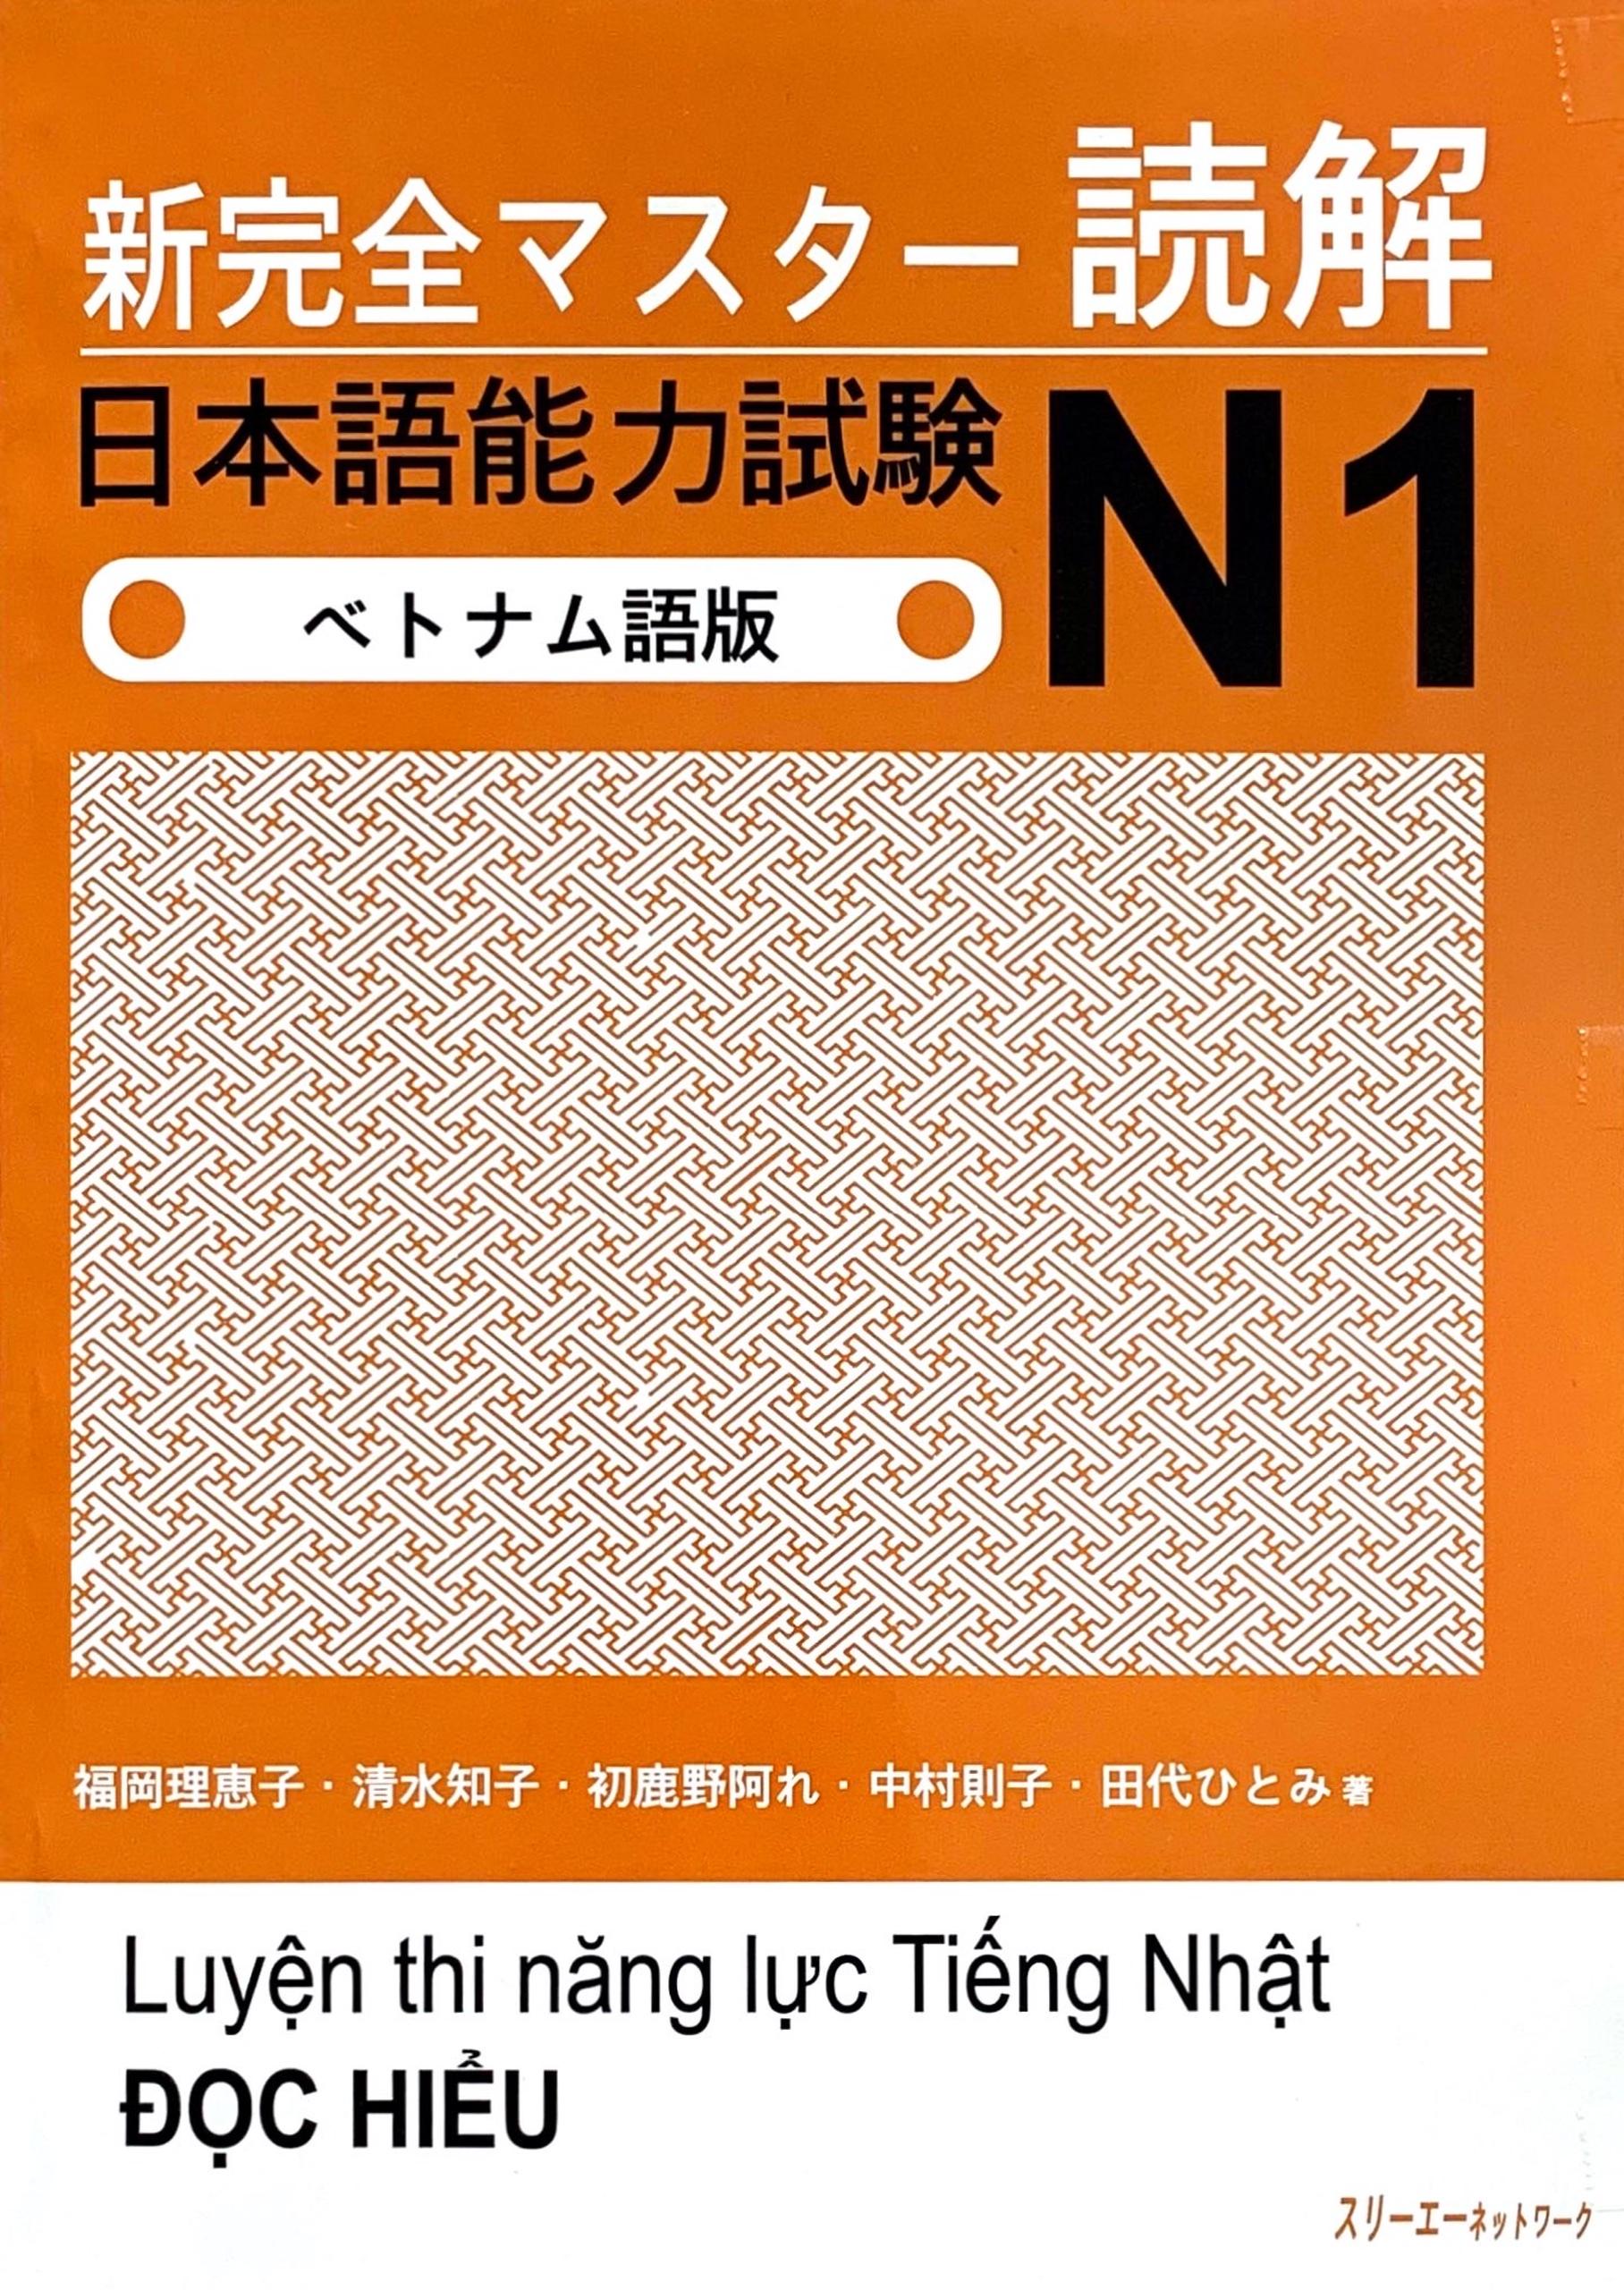 Lifestyle designSách Luyện Thi N1 Shinkanzen Master Dokkai (Đọc Hiểu – Có Tiếng Việt)